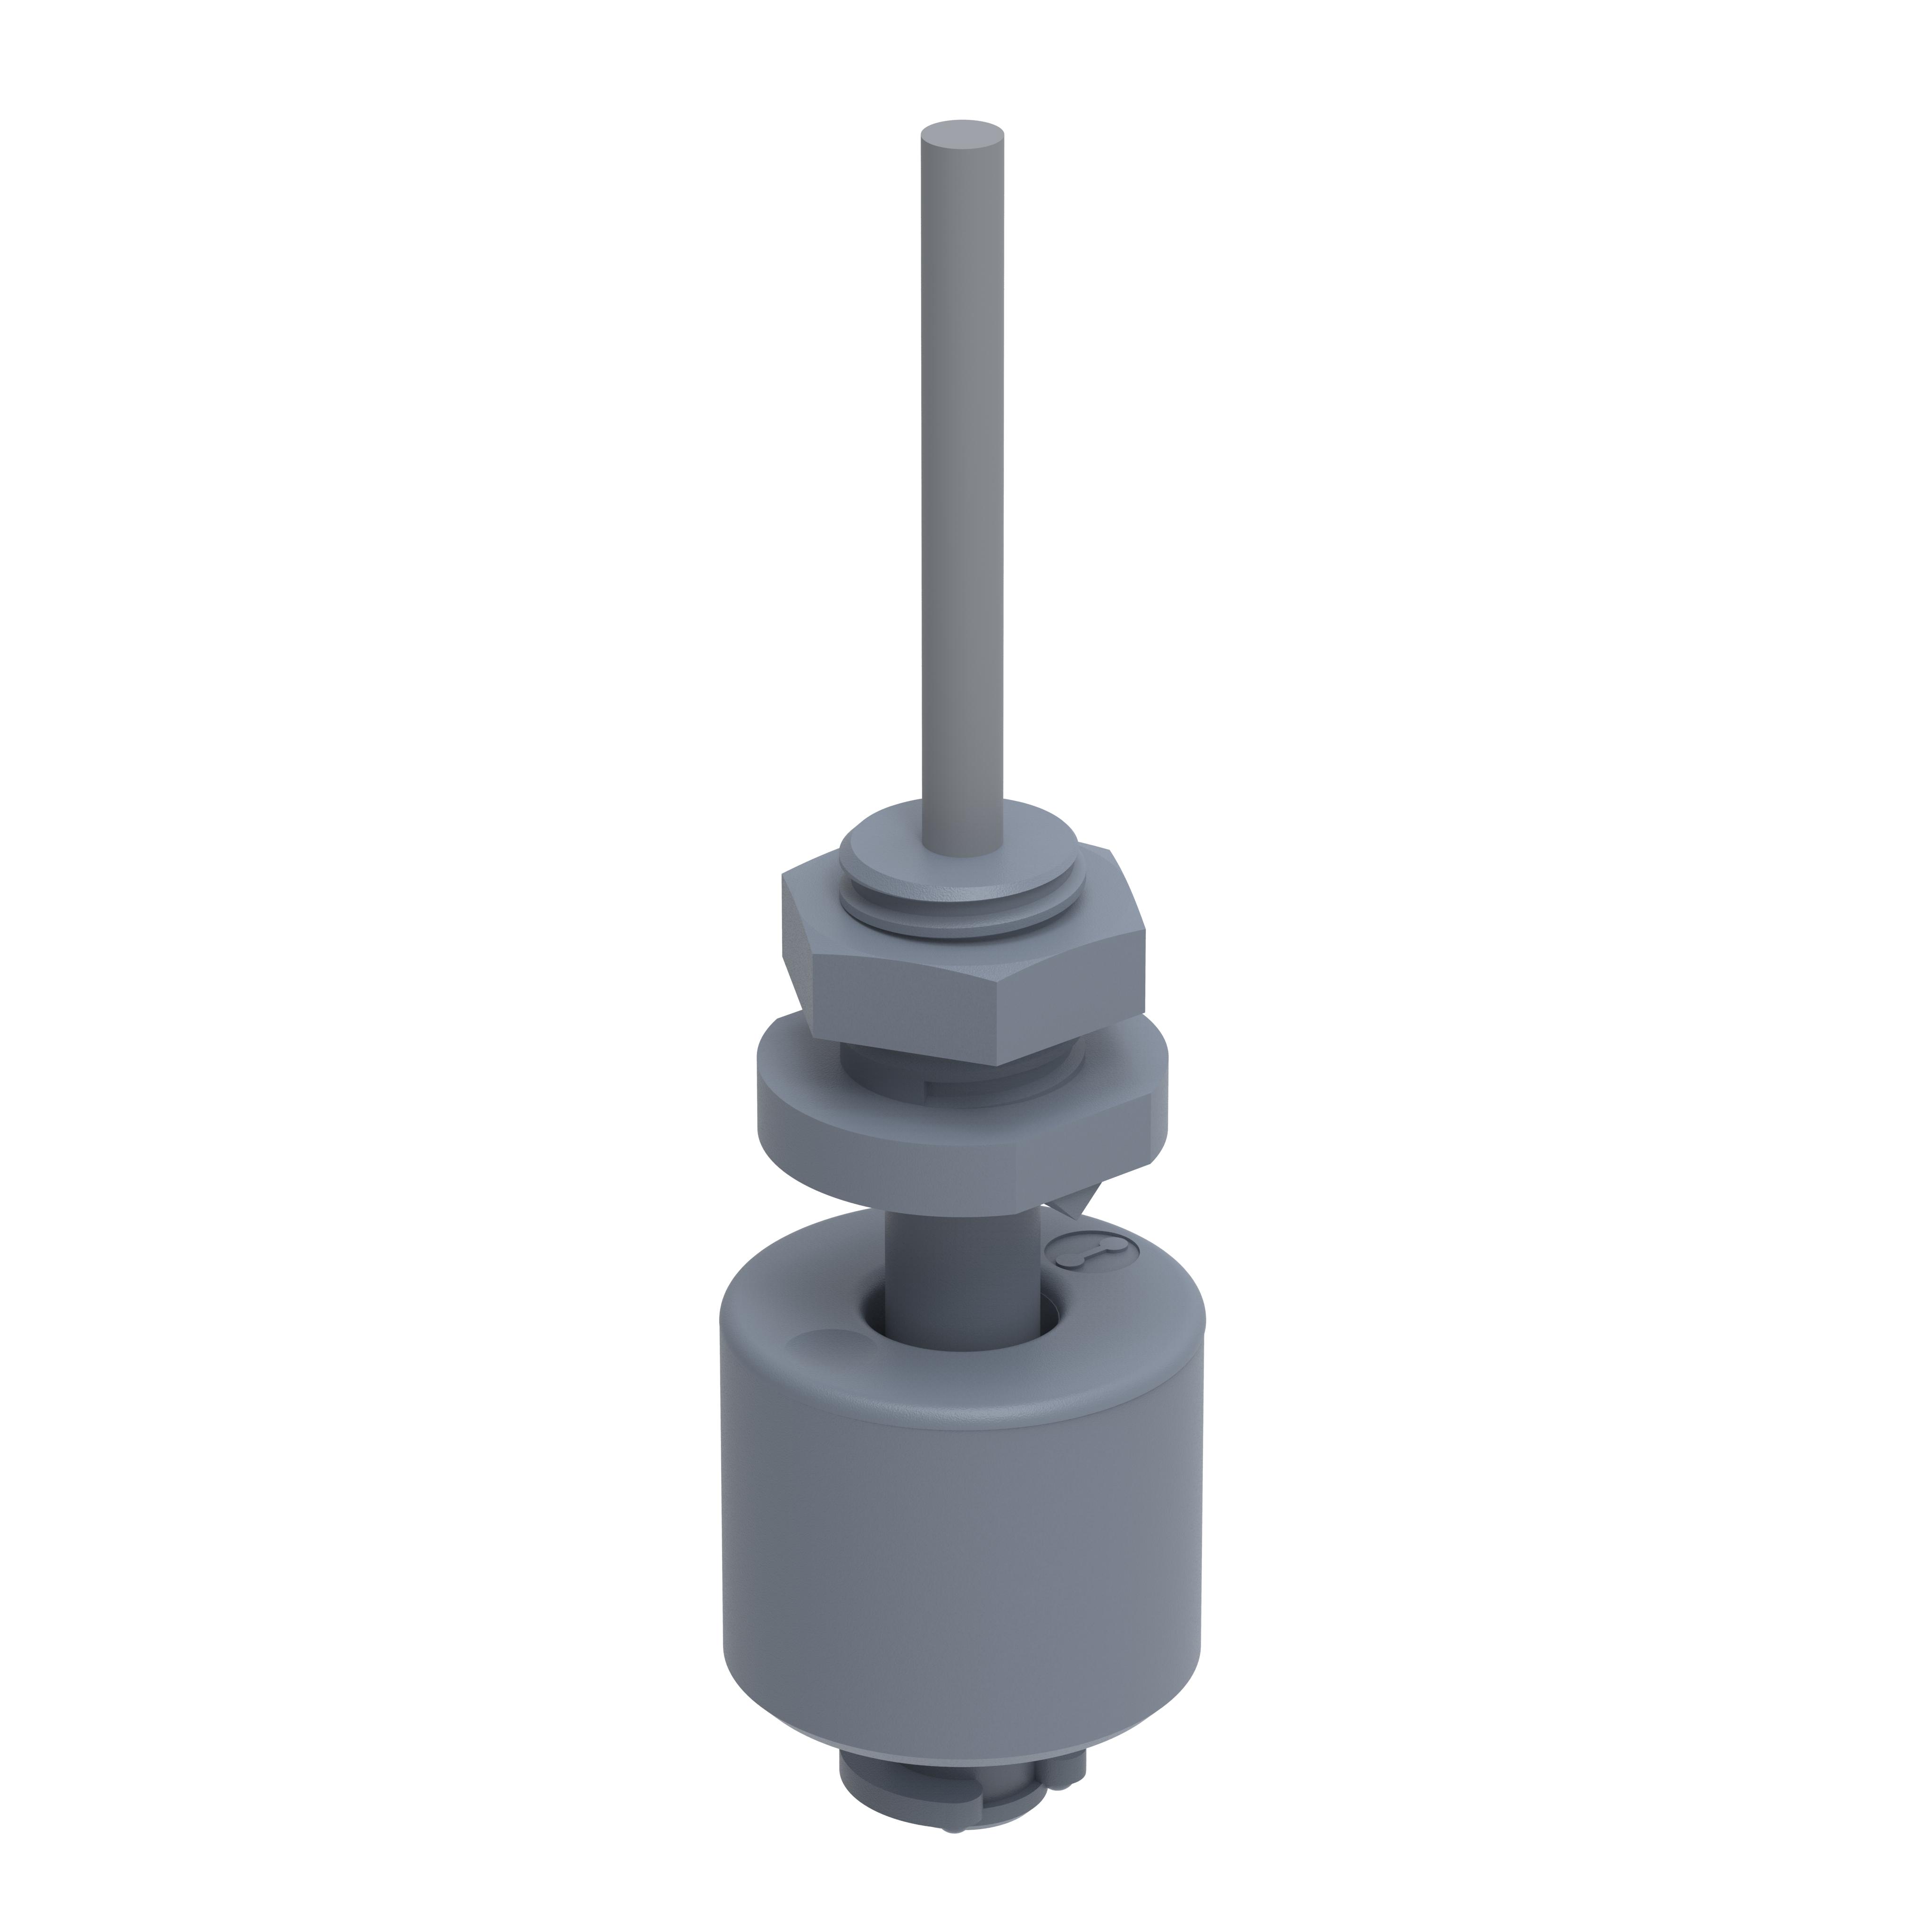 Miniatur Schwimmerschalter - 200030-3 - Wechsler, 48V, PVC, Gewinde PG7, 3m Kabel